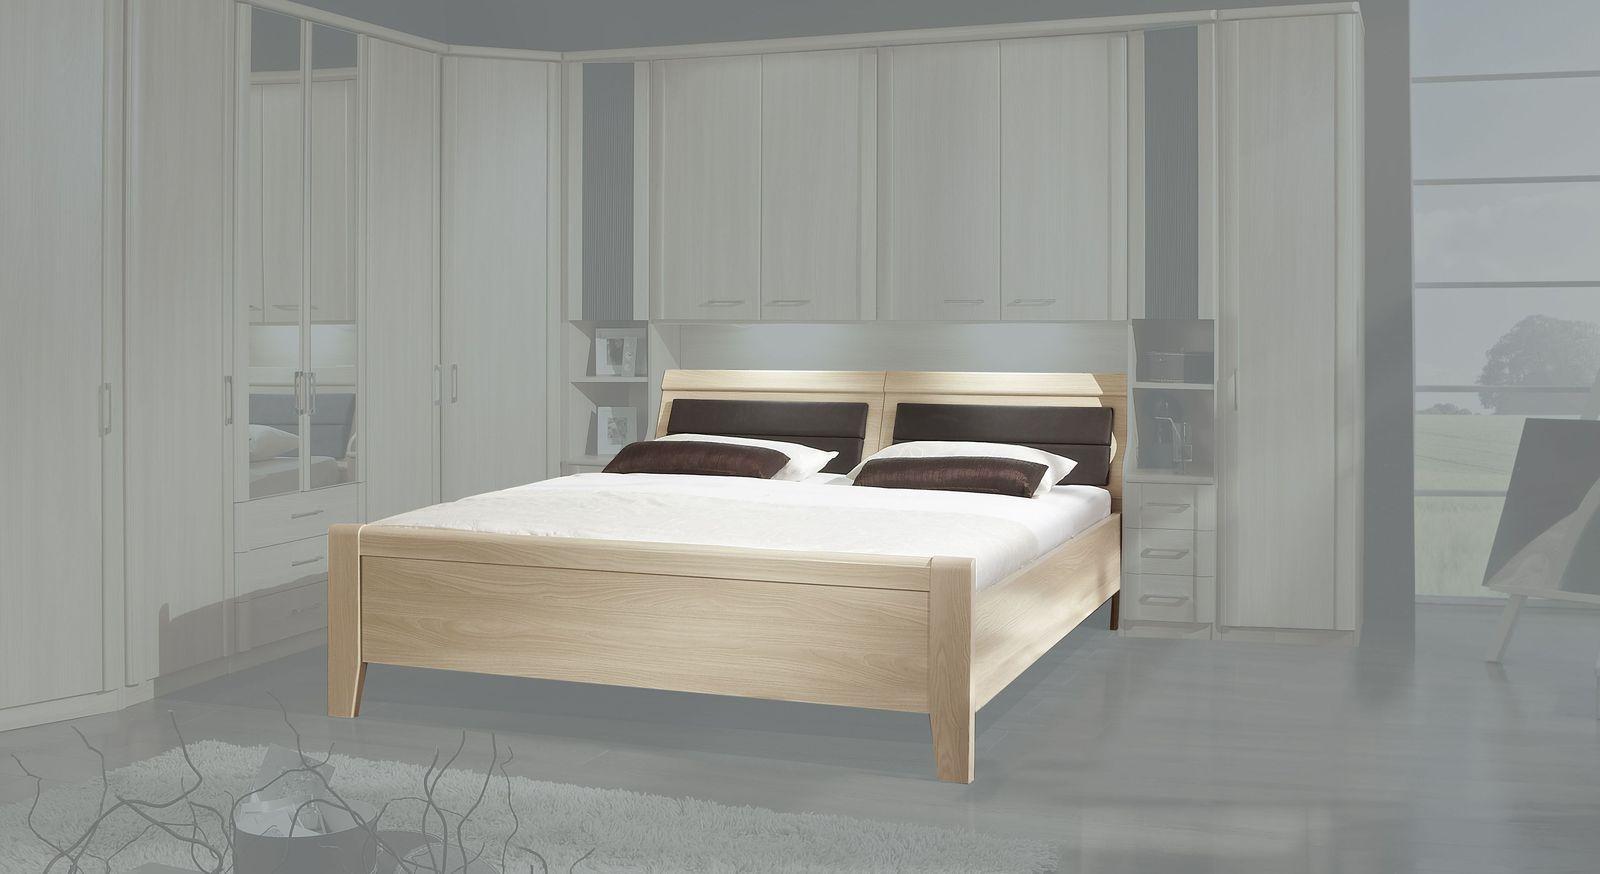 Bettbrücken-Bett Palena in Komforthöhe mit geradlinigem Design